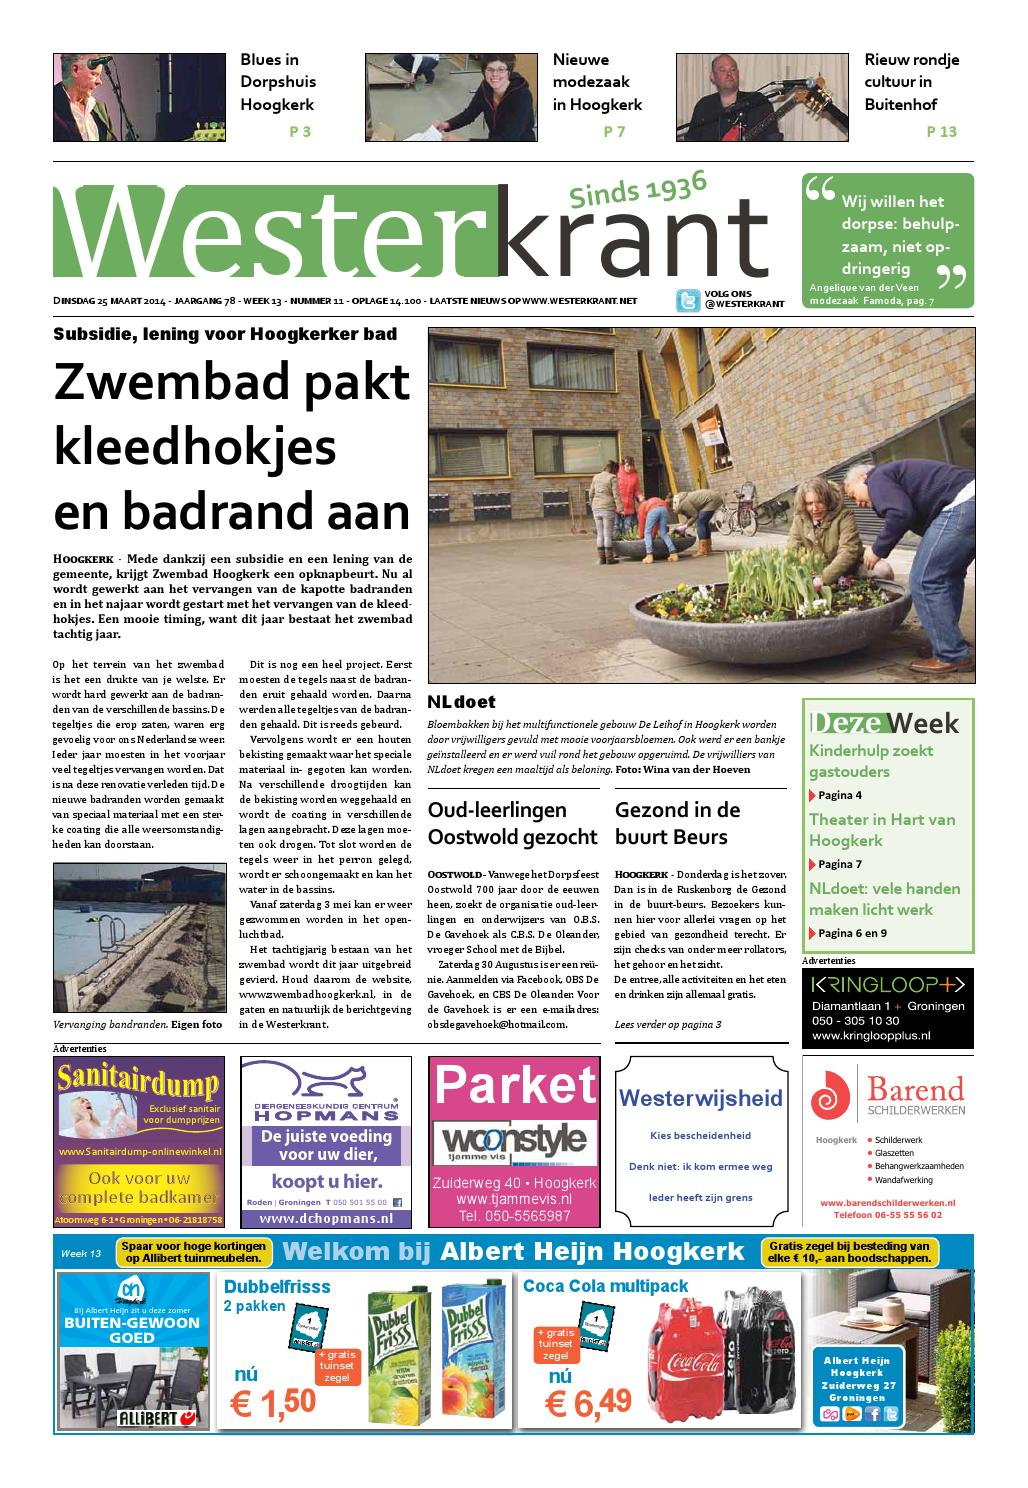 westerkrant week 1413 lr by westermare uitgeverij issuu